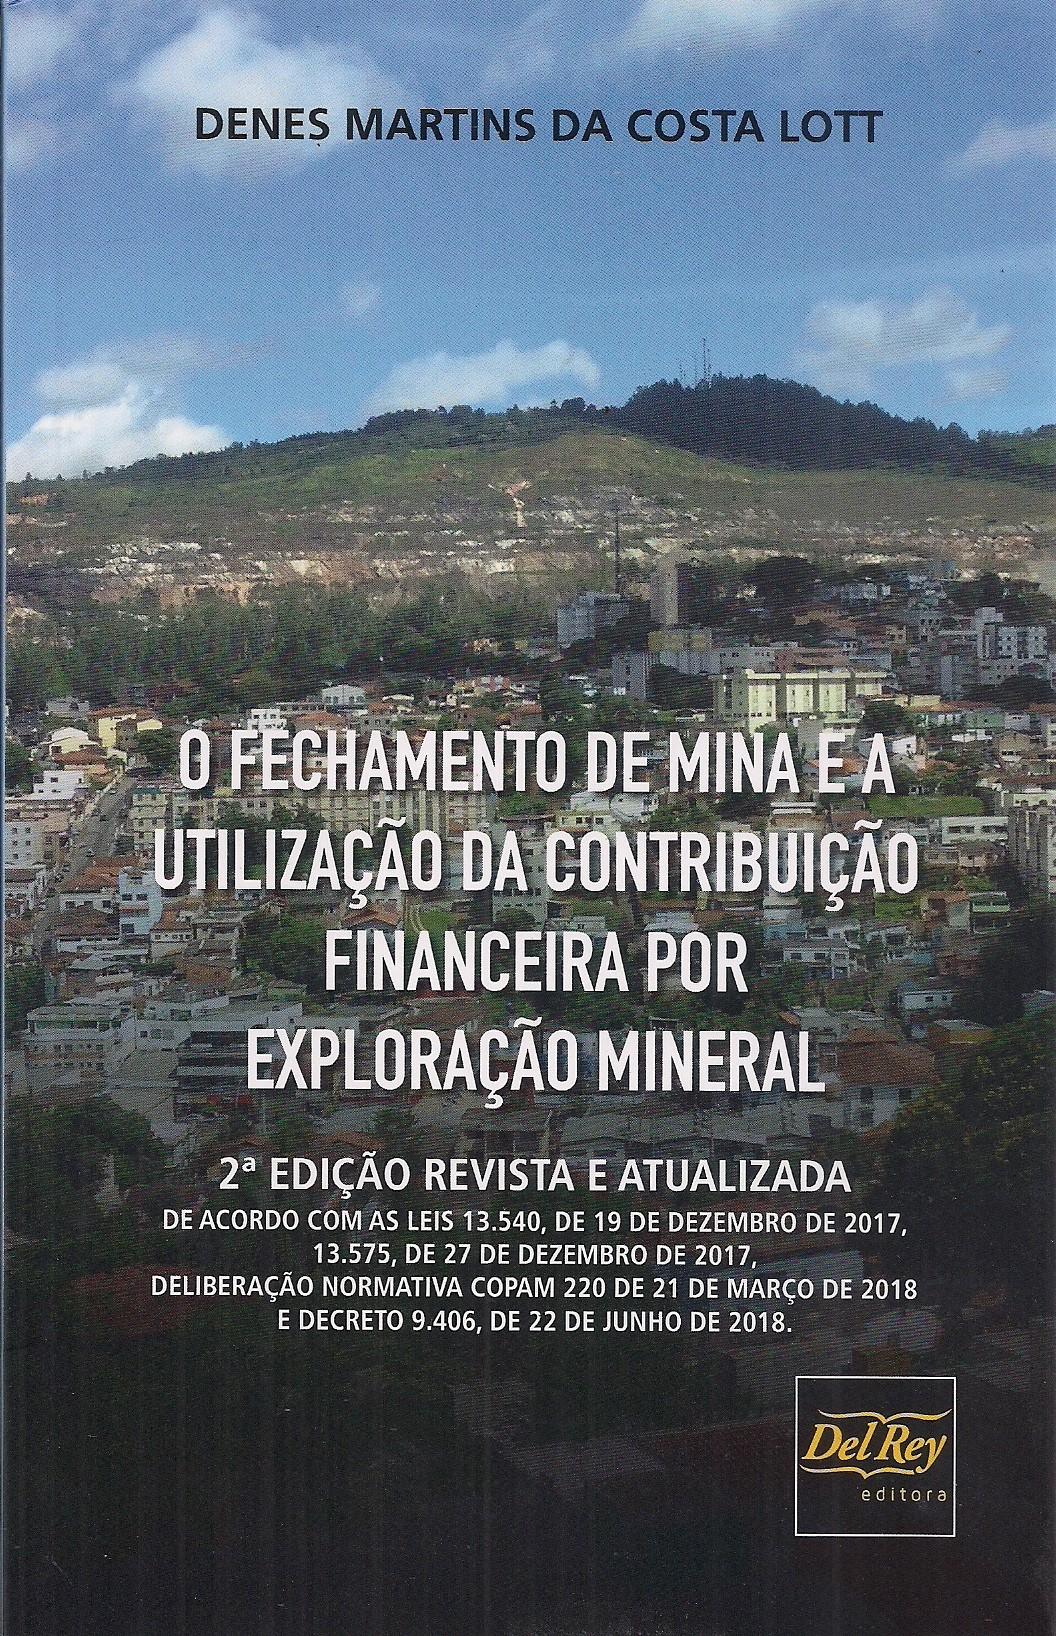 Foto 1 - O Fechamento de Mina e a Utilização da Contribuição Financeira por Exploração Mineral